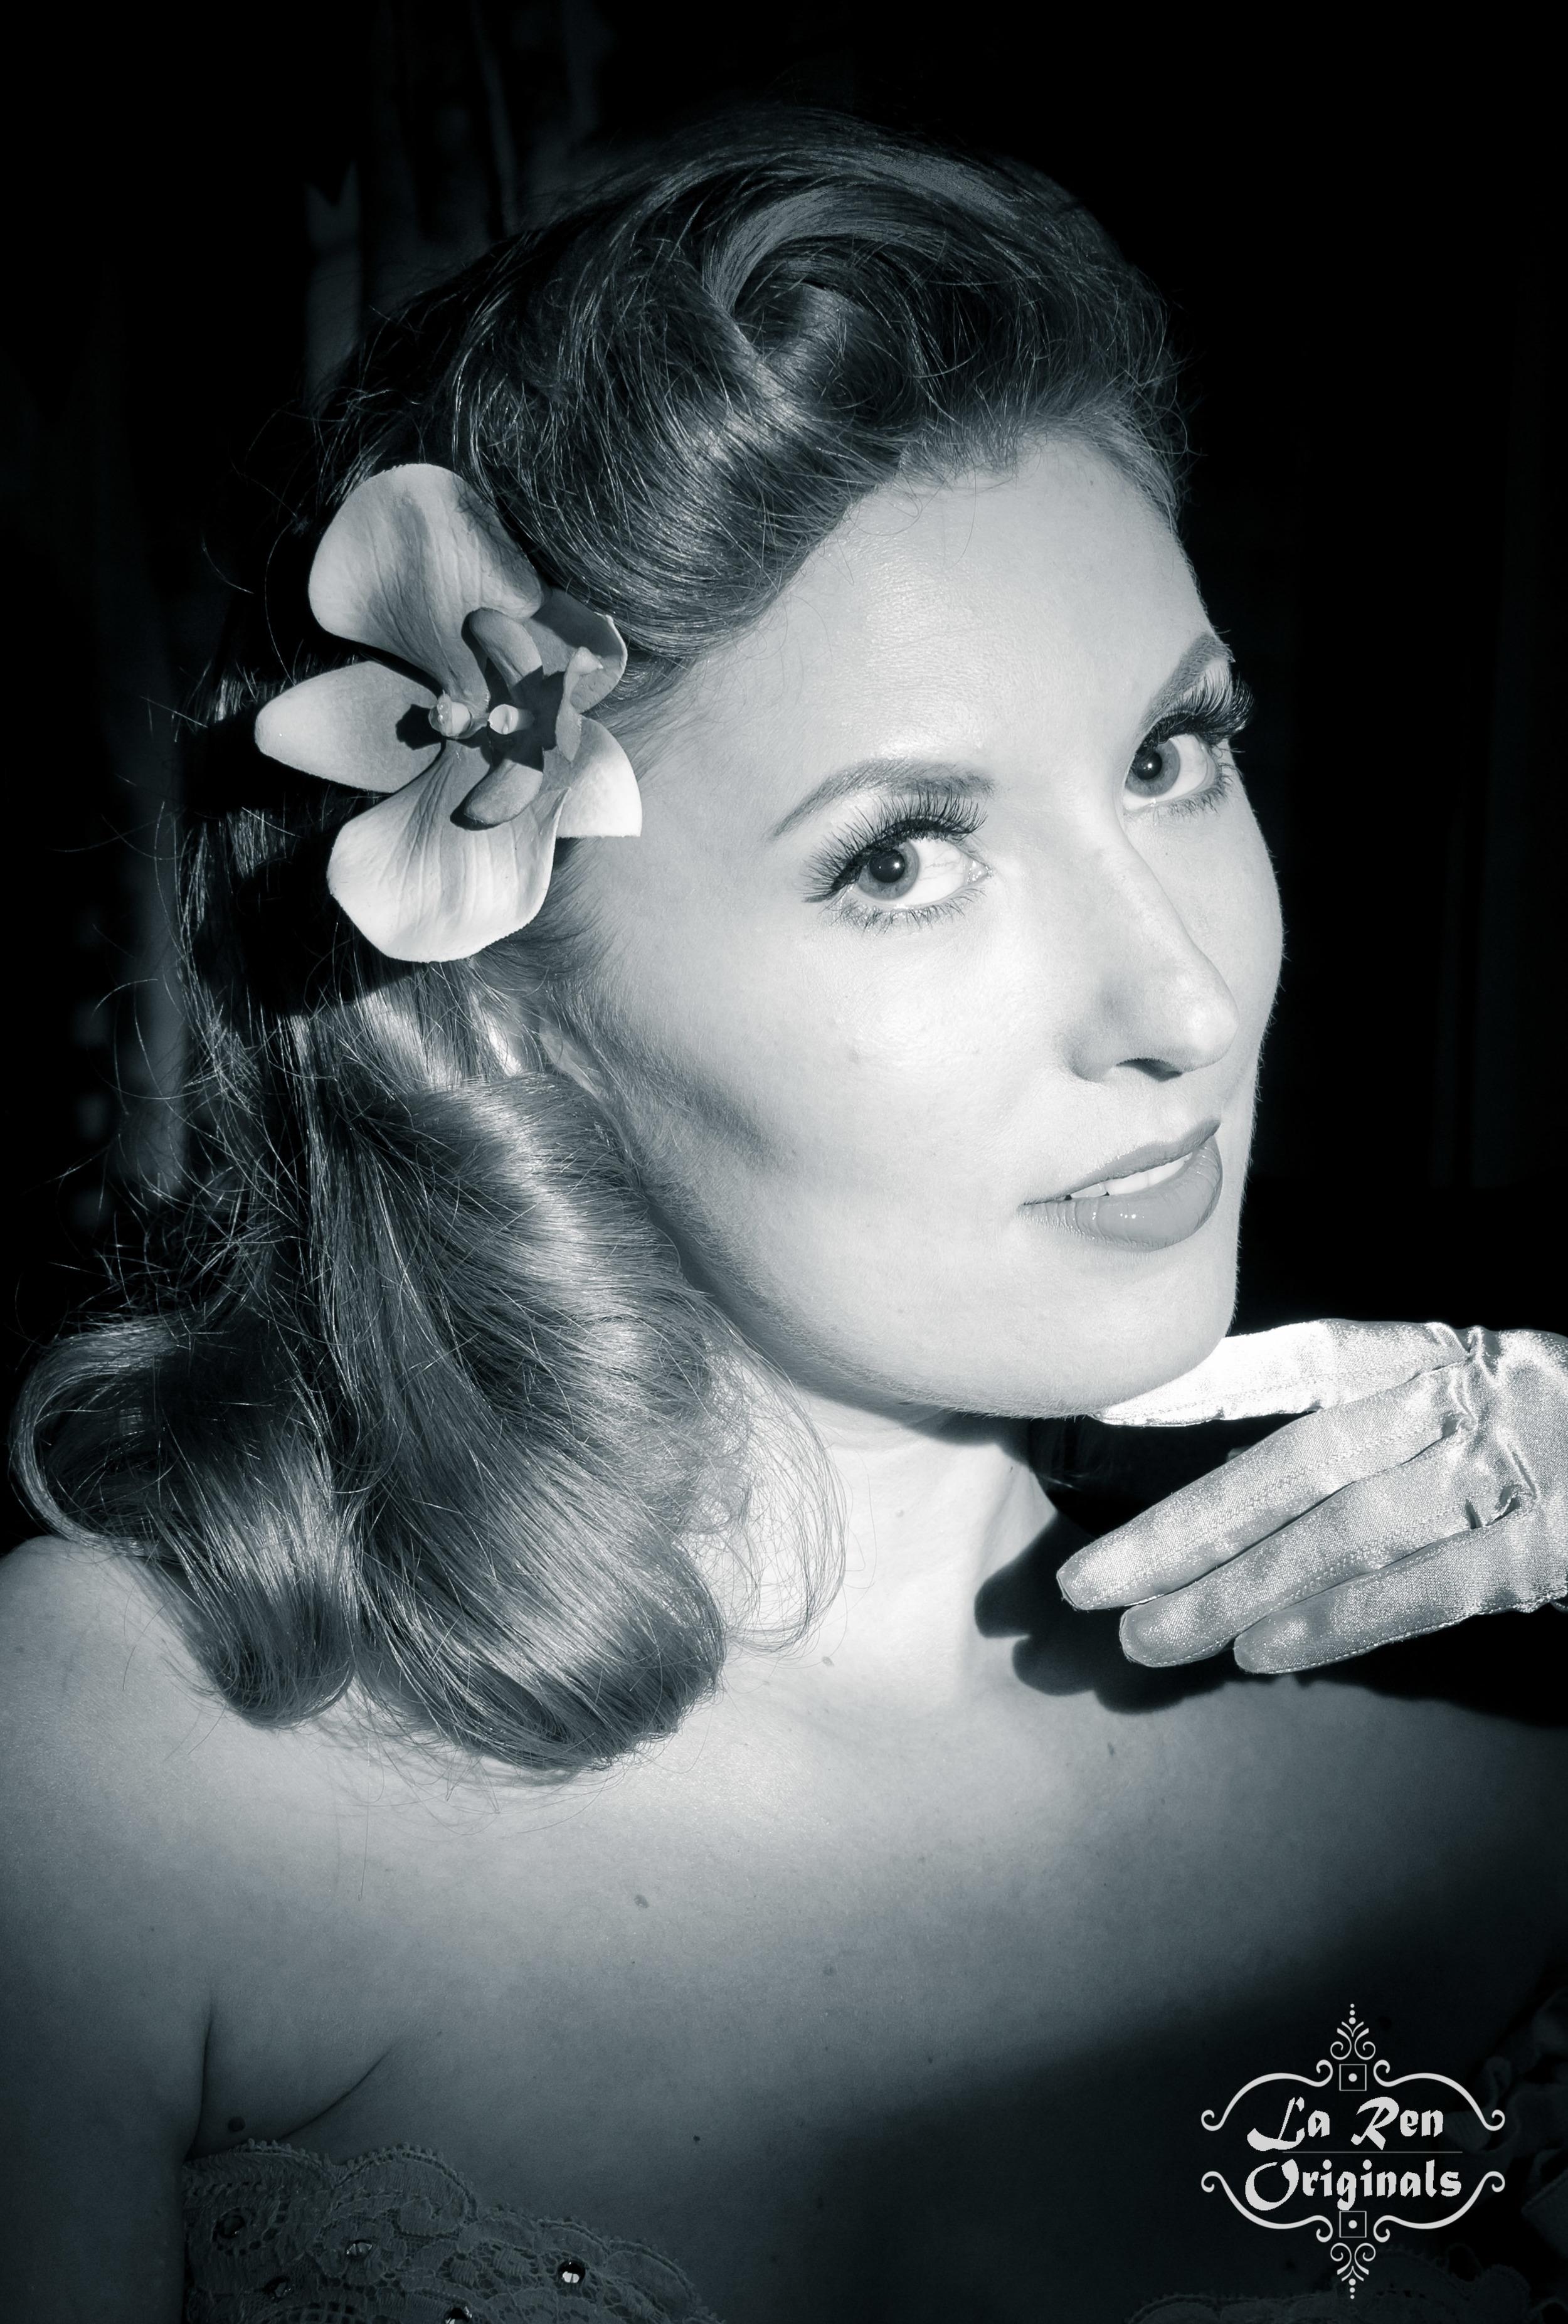 Angela La Muse, La Muse, Miss La Muse, Burlesque, Burlesque Dancer, La Muse Burlesque, Pin Up, Miami Burlesque, Retro Hair, Pin Up Hair, Film Noir, Femme Fatale